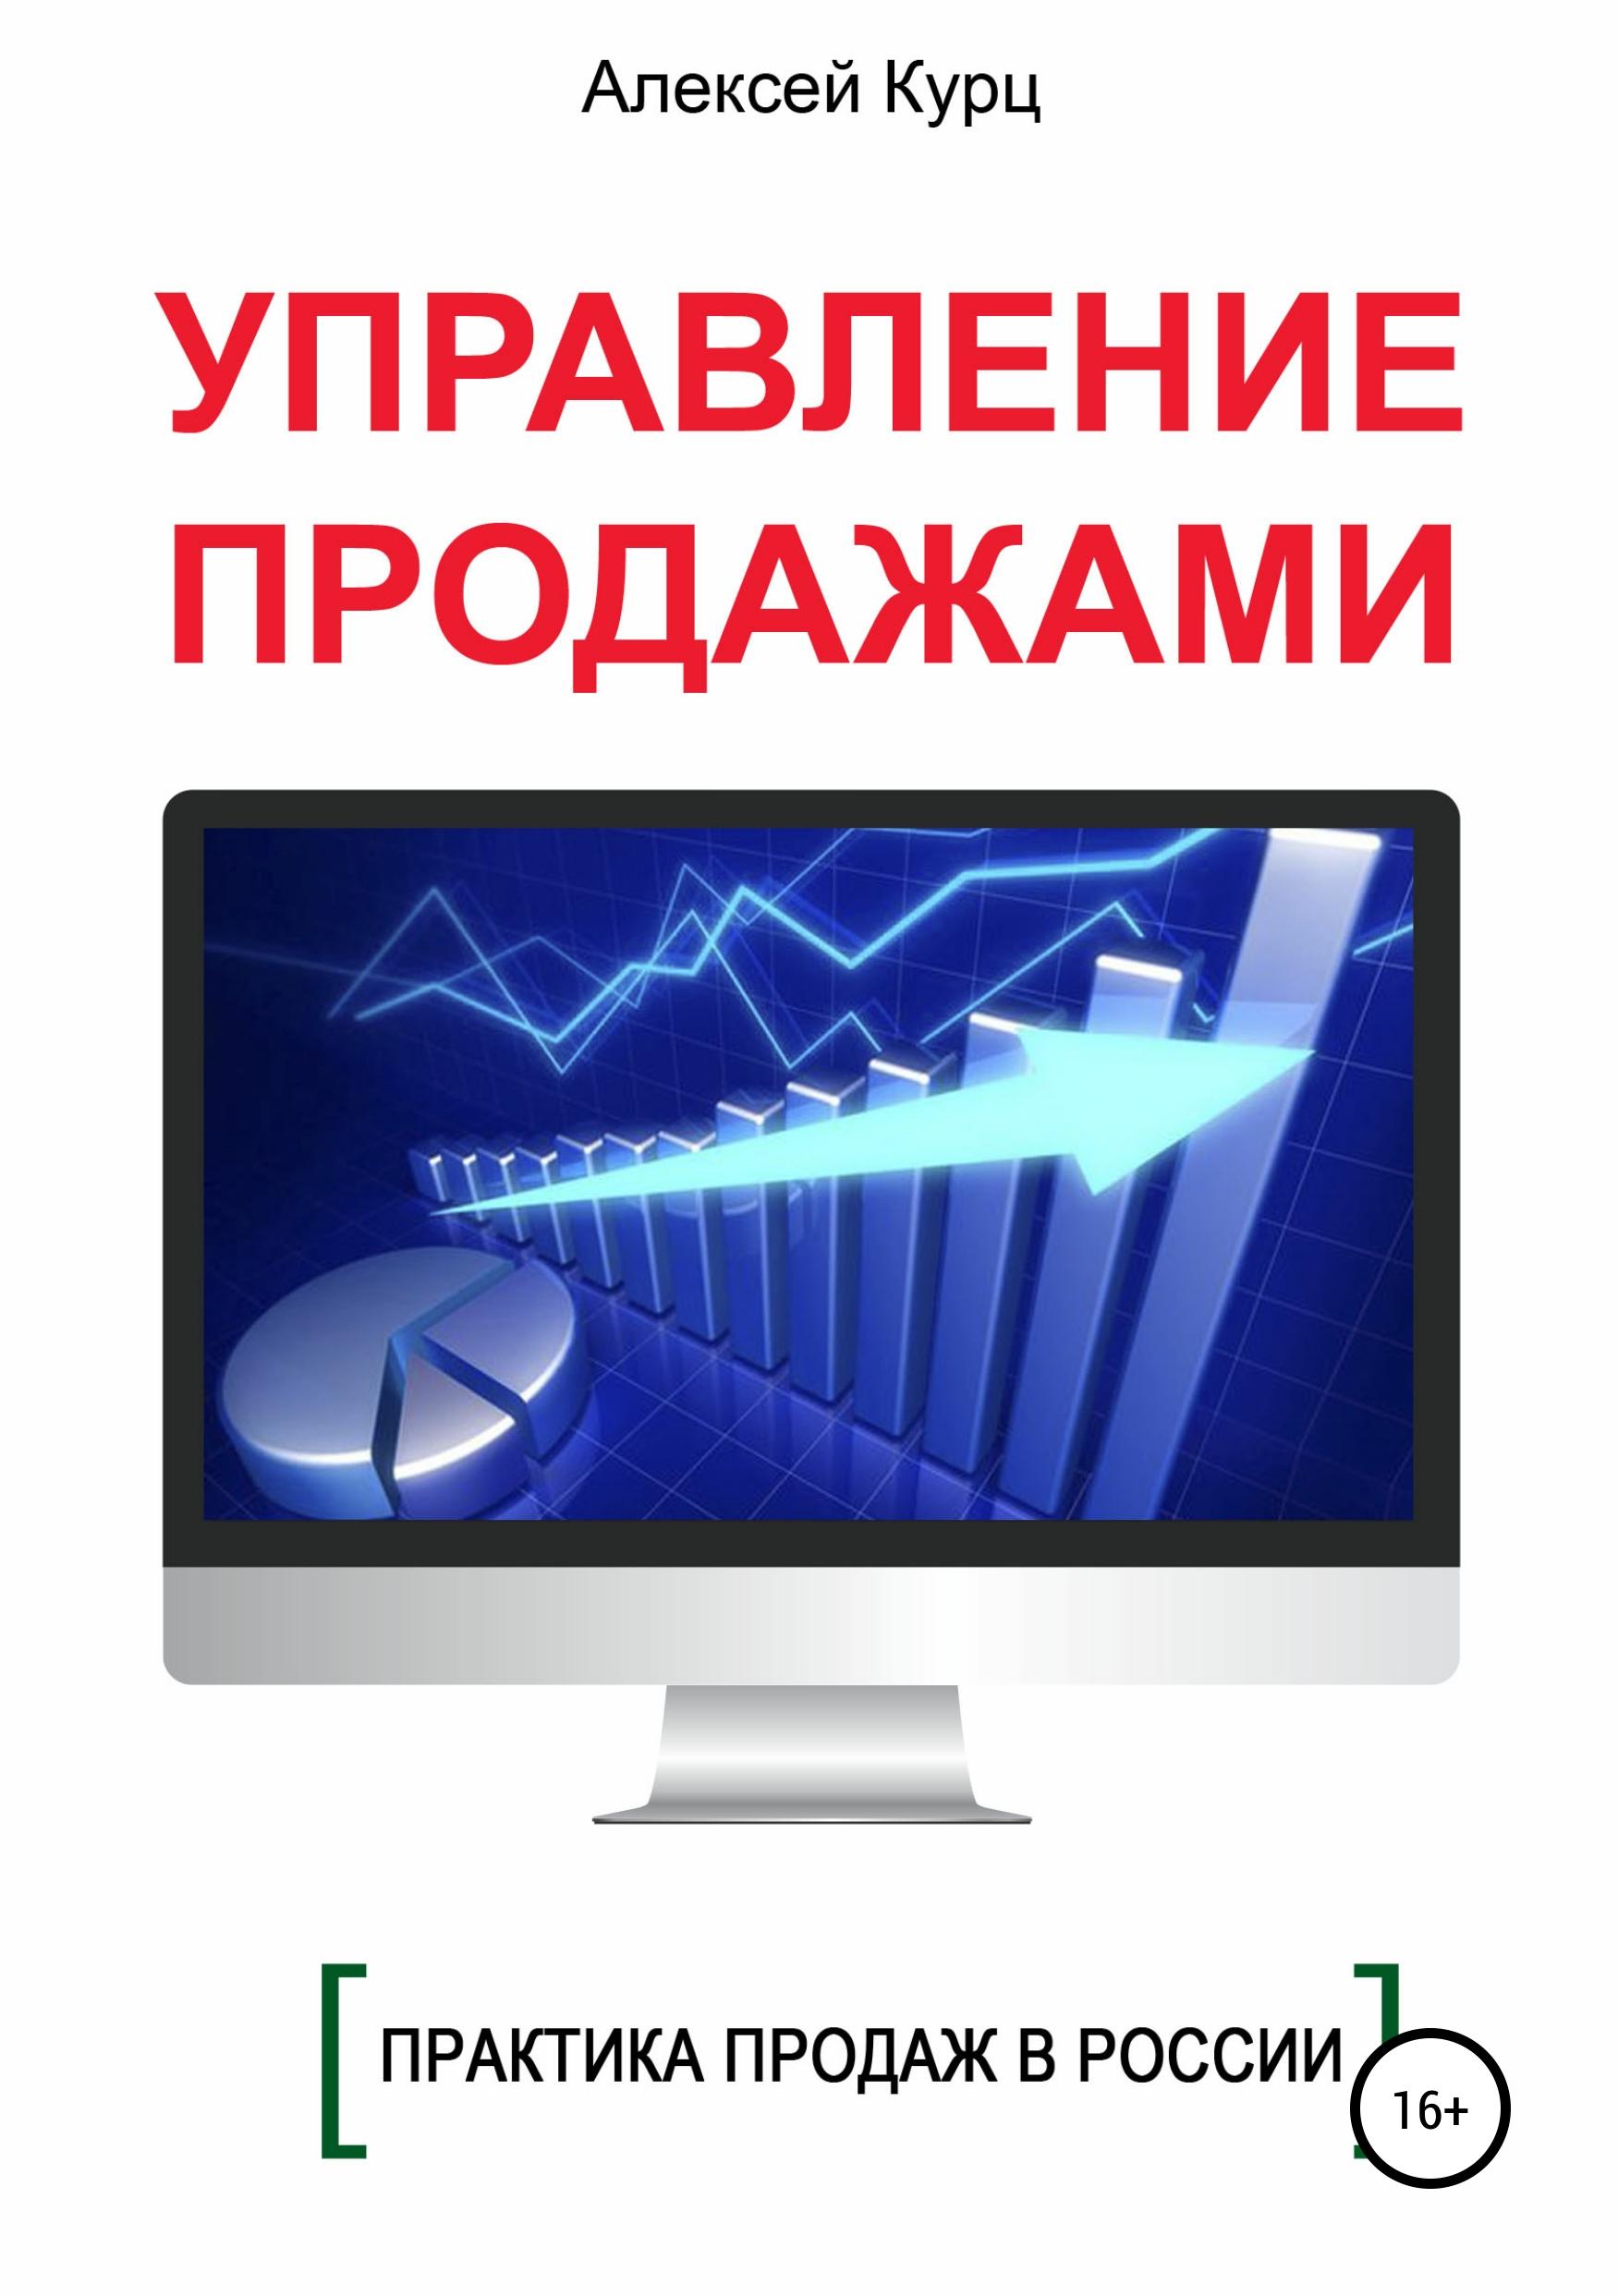 Обложка книги. Автор - Алексей Курц